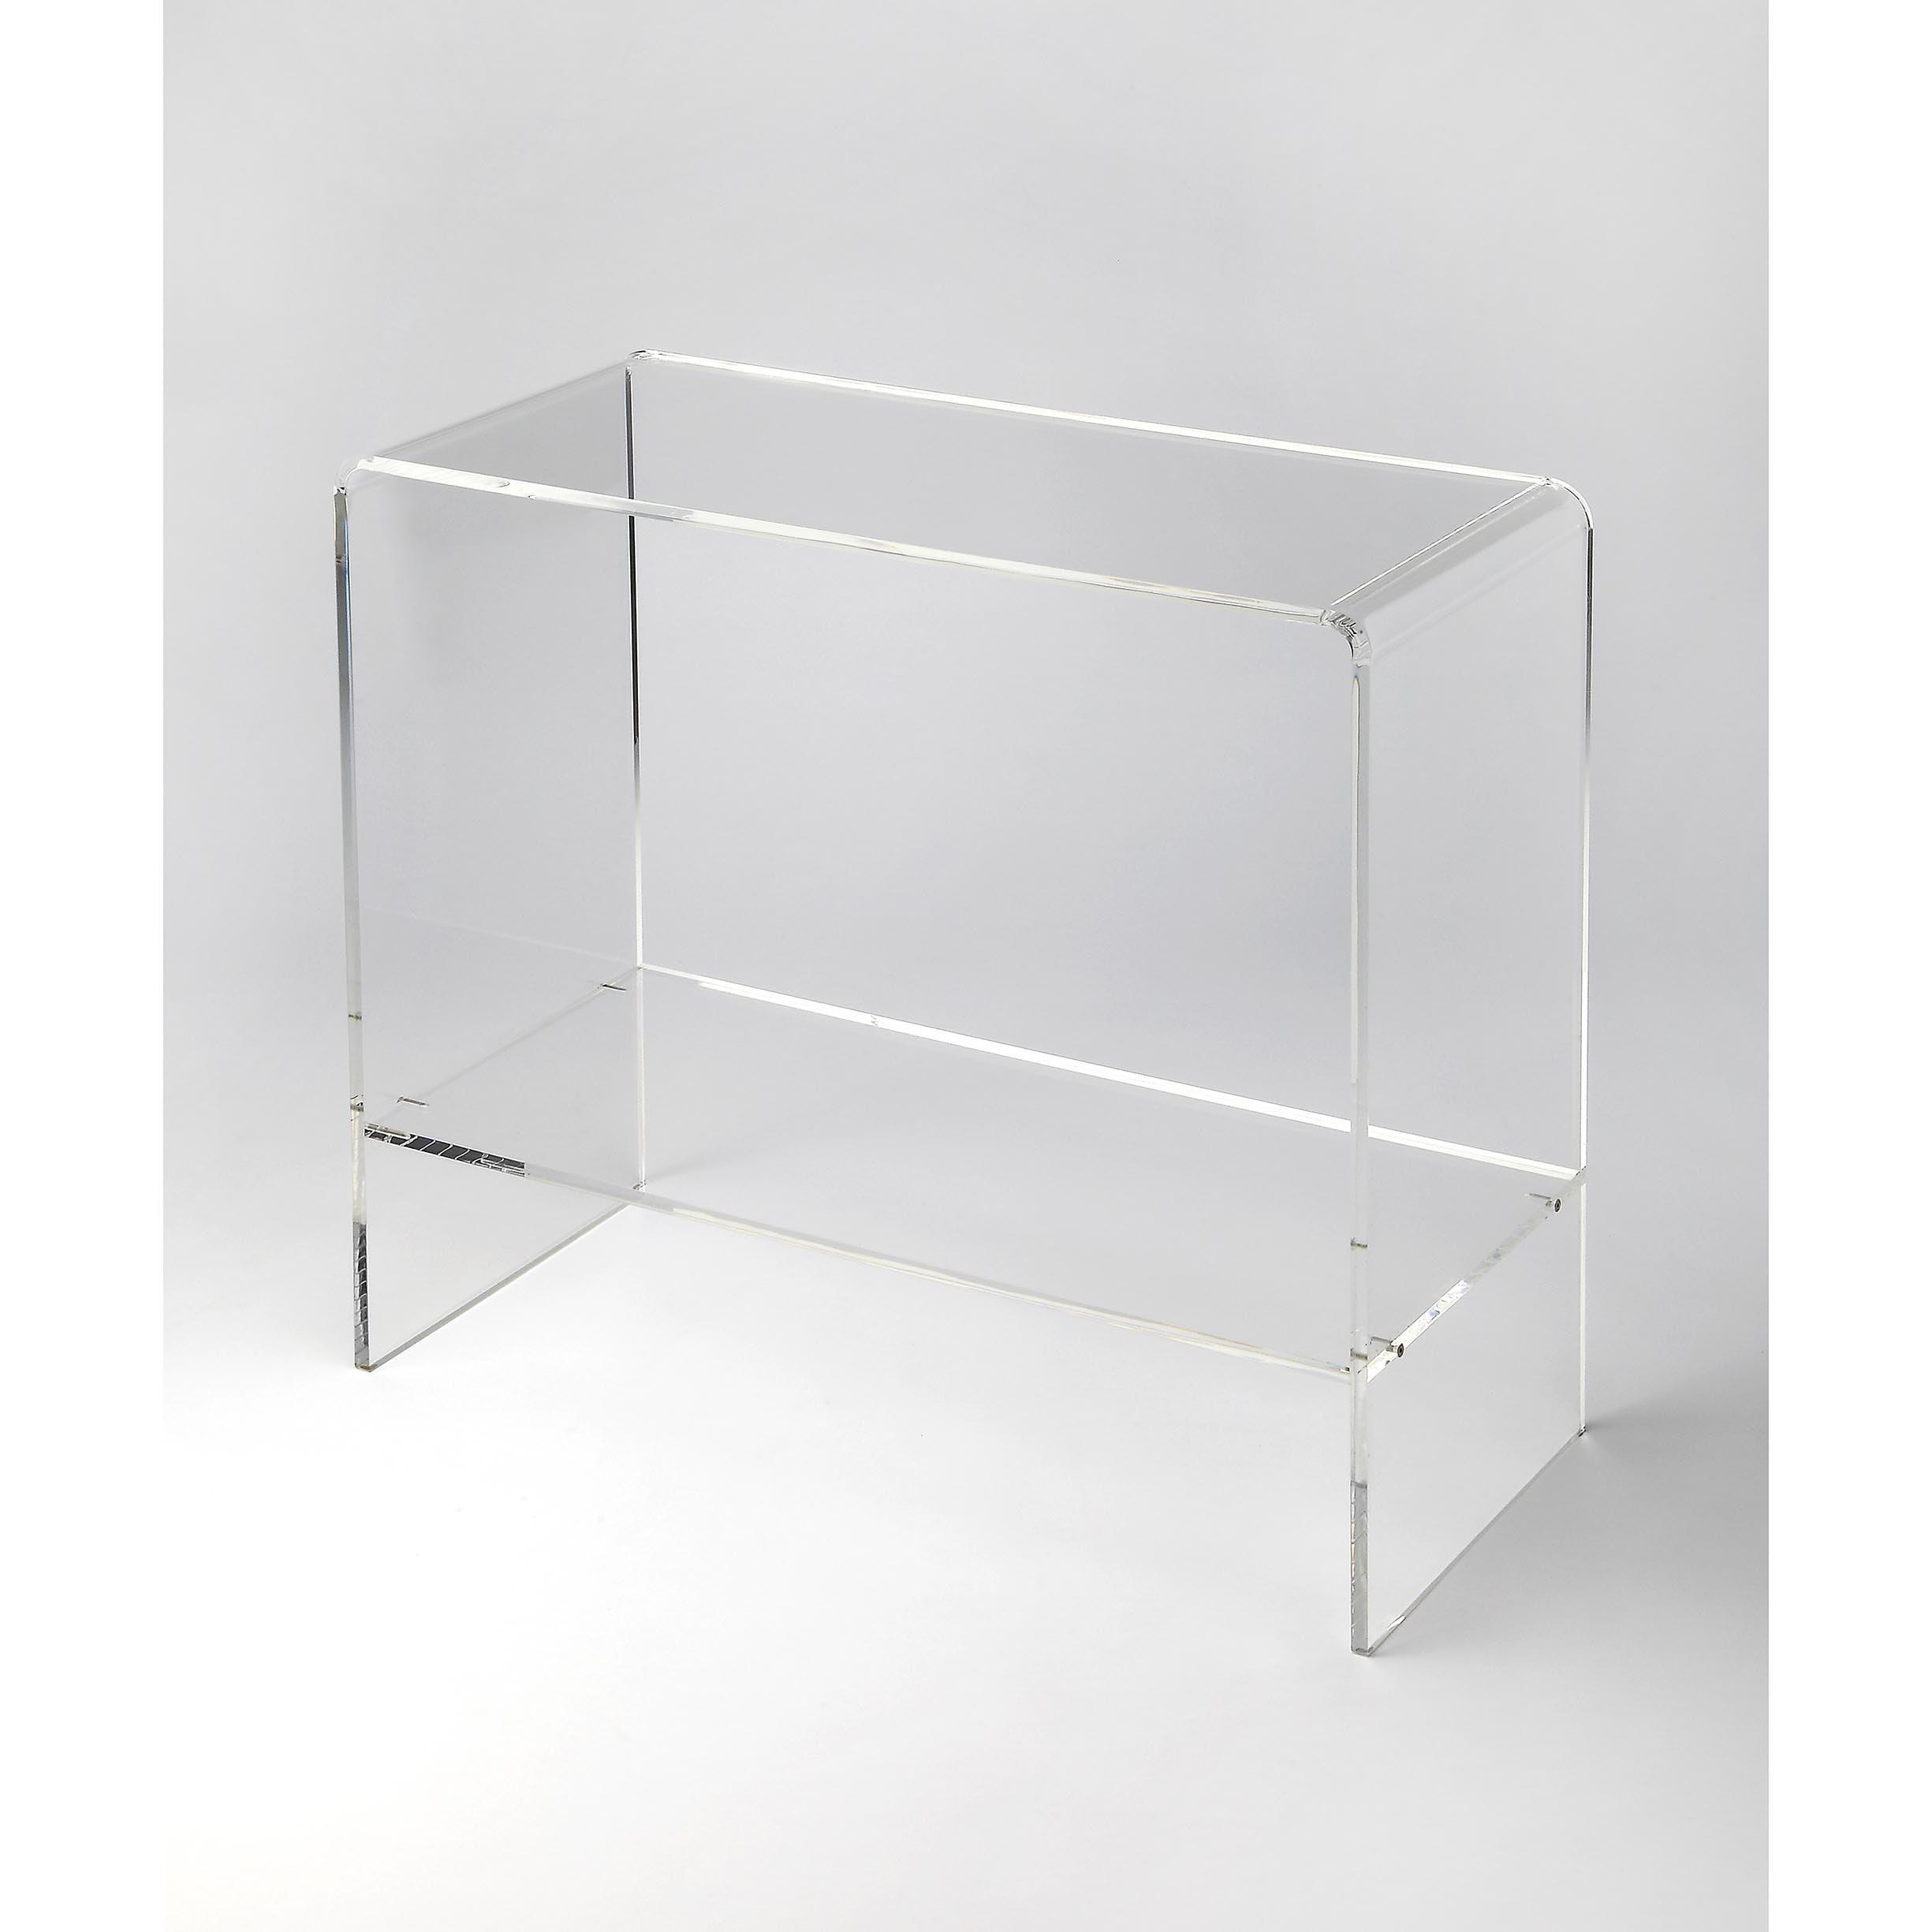 Handmade Butler Crystal Clear Acrylic Console Table (Taiwan)